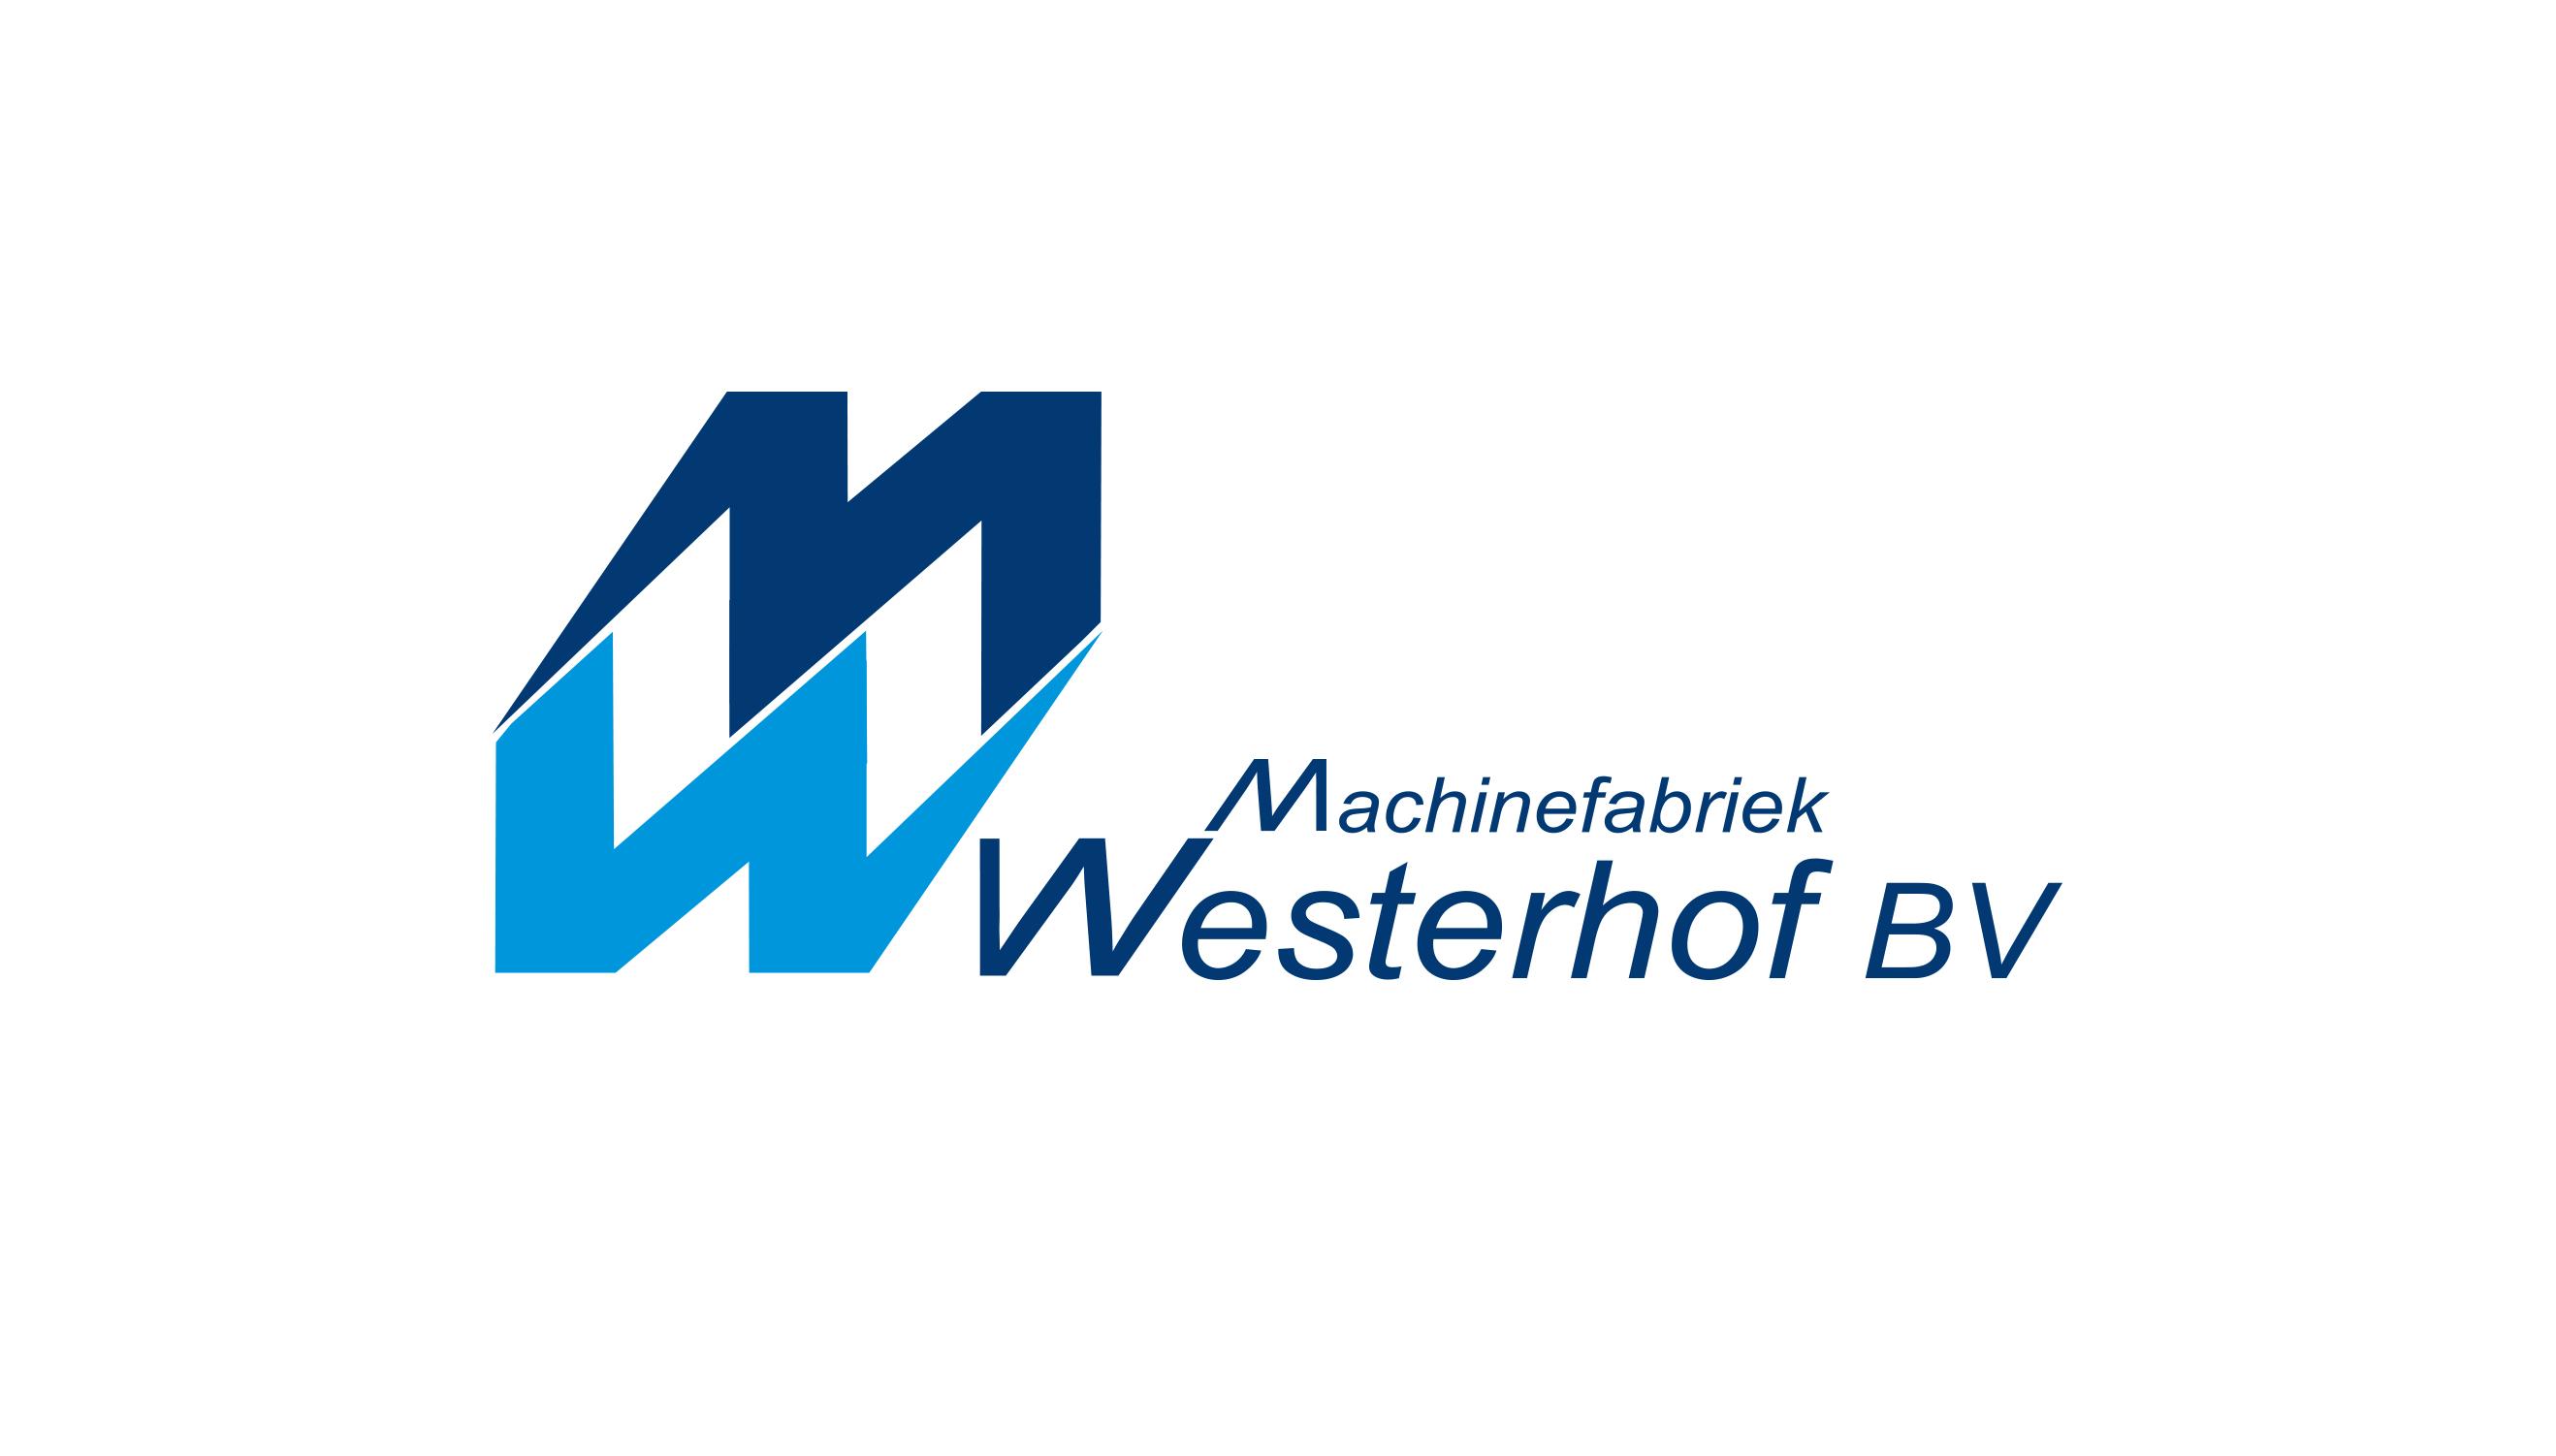 machinefabriek westerhof